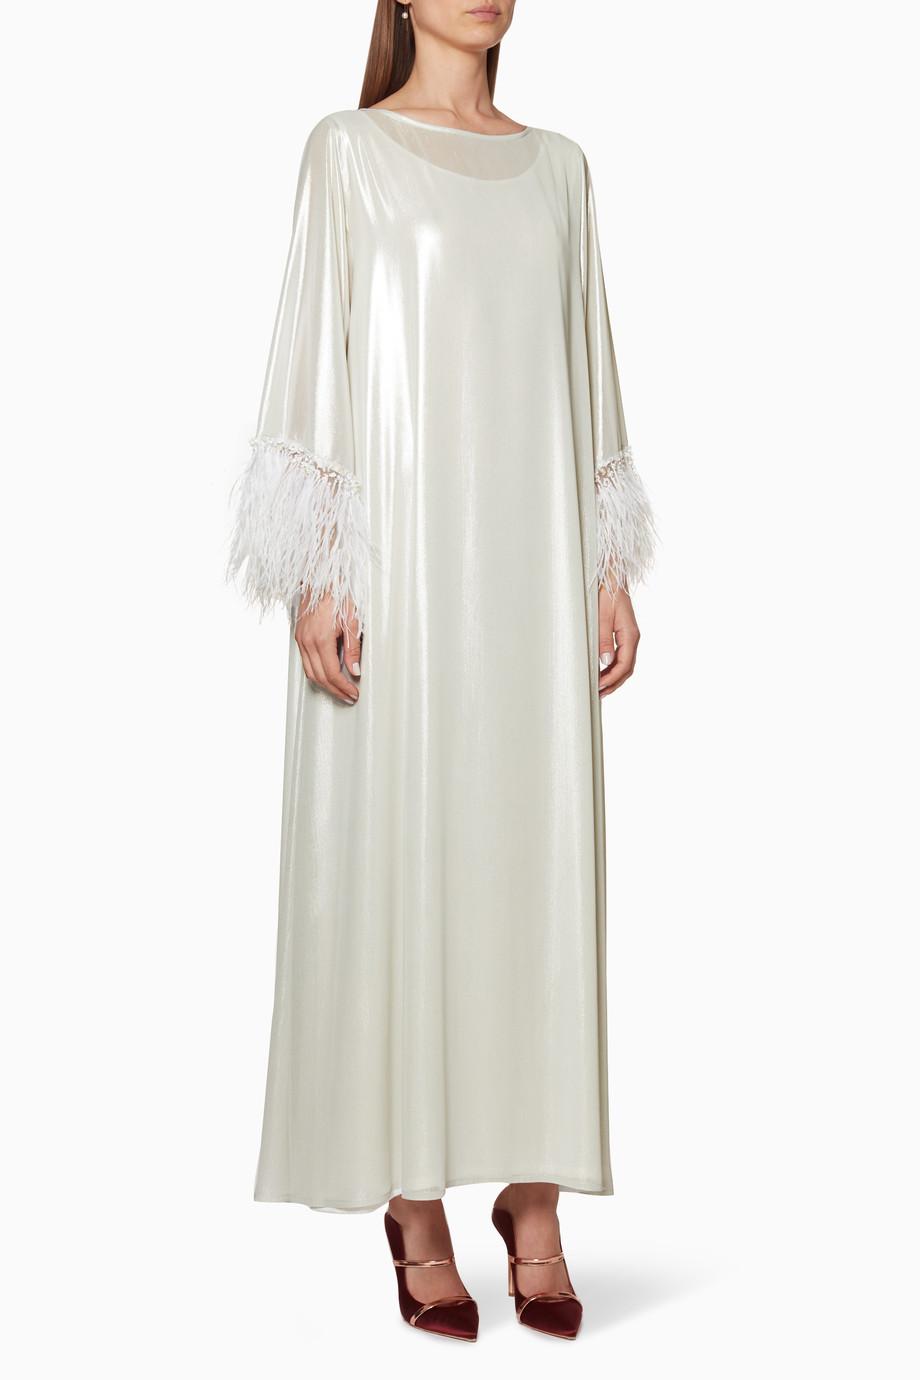 6df87b197 تسوق فستان بأكمام مزينة بالريش أبيض كريمي لون طبيعى لل | اُناس السعودية